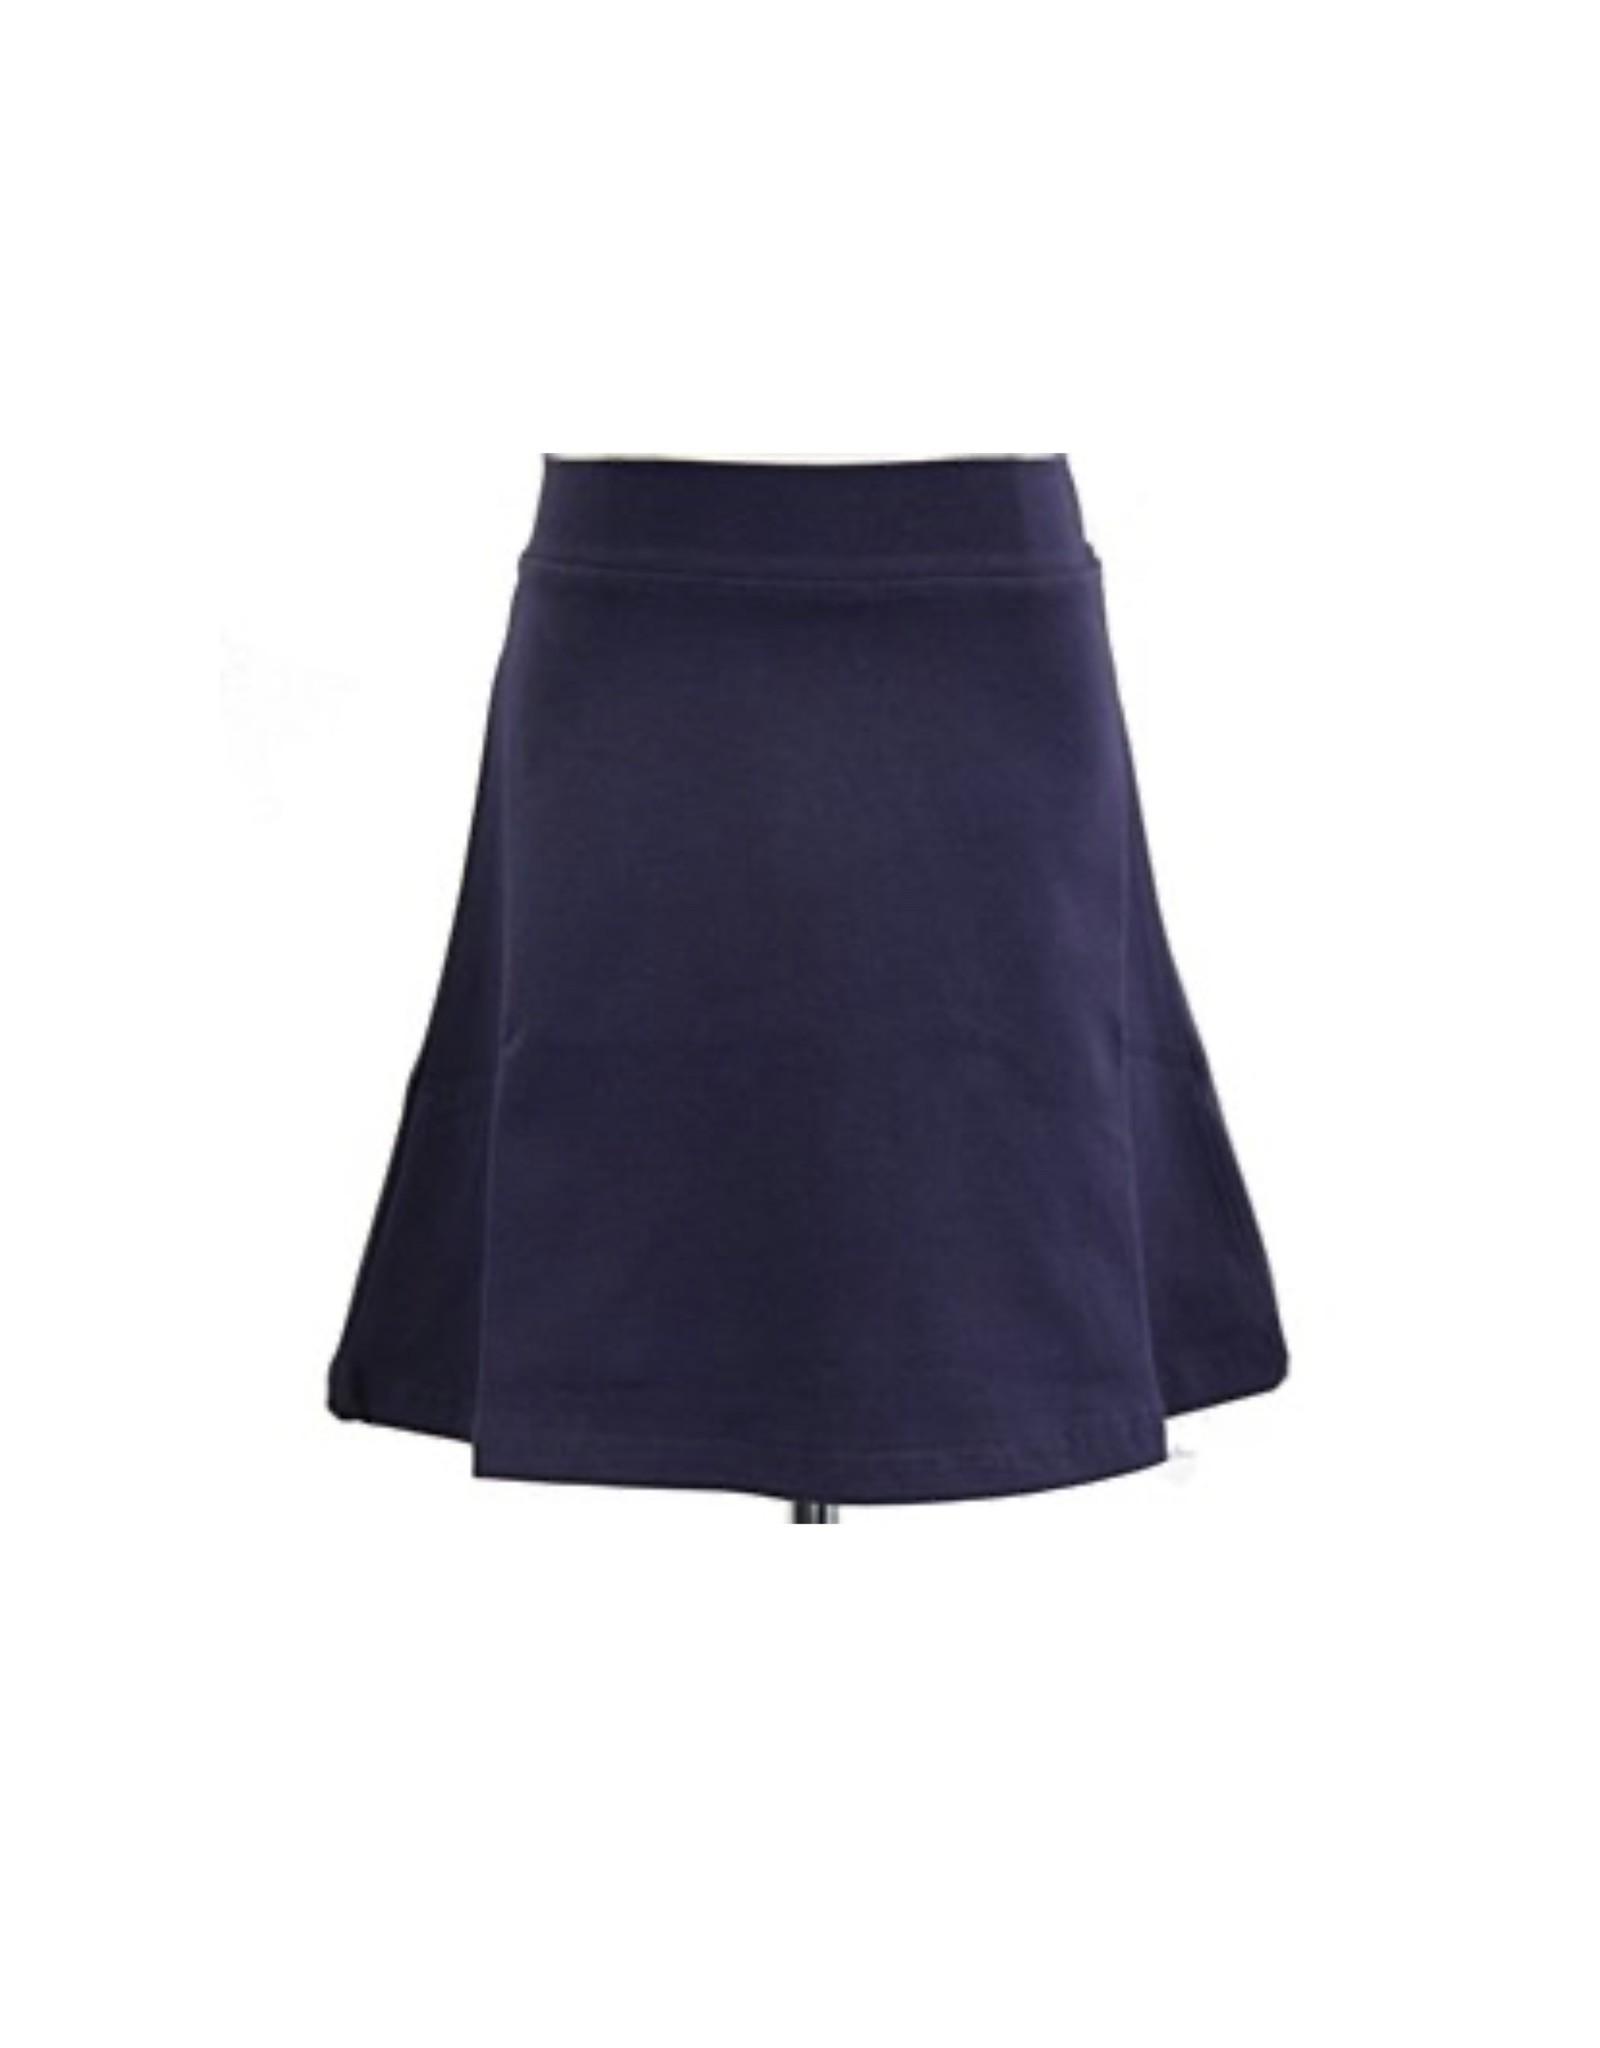 Kiki Riki Kiki Riki Girls A-line Skirts 40435